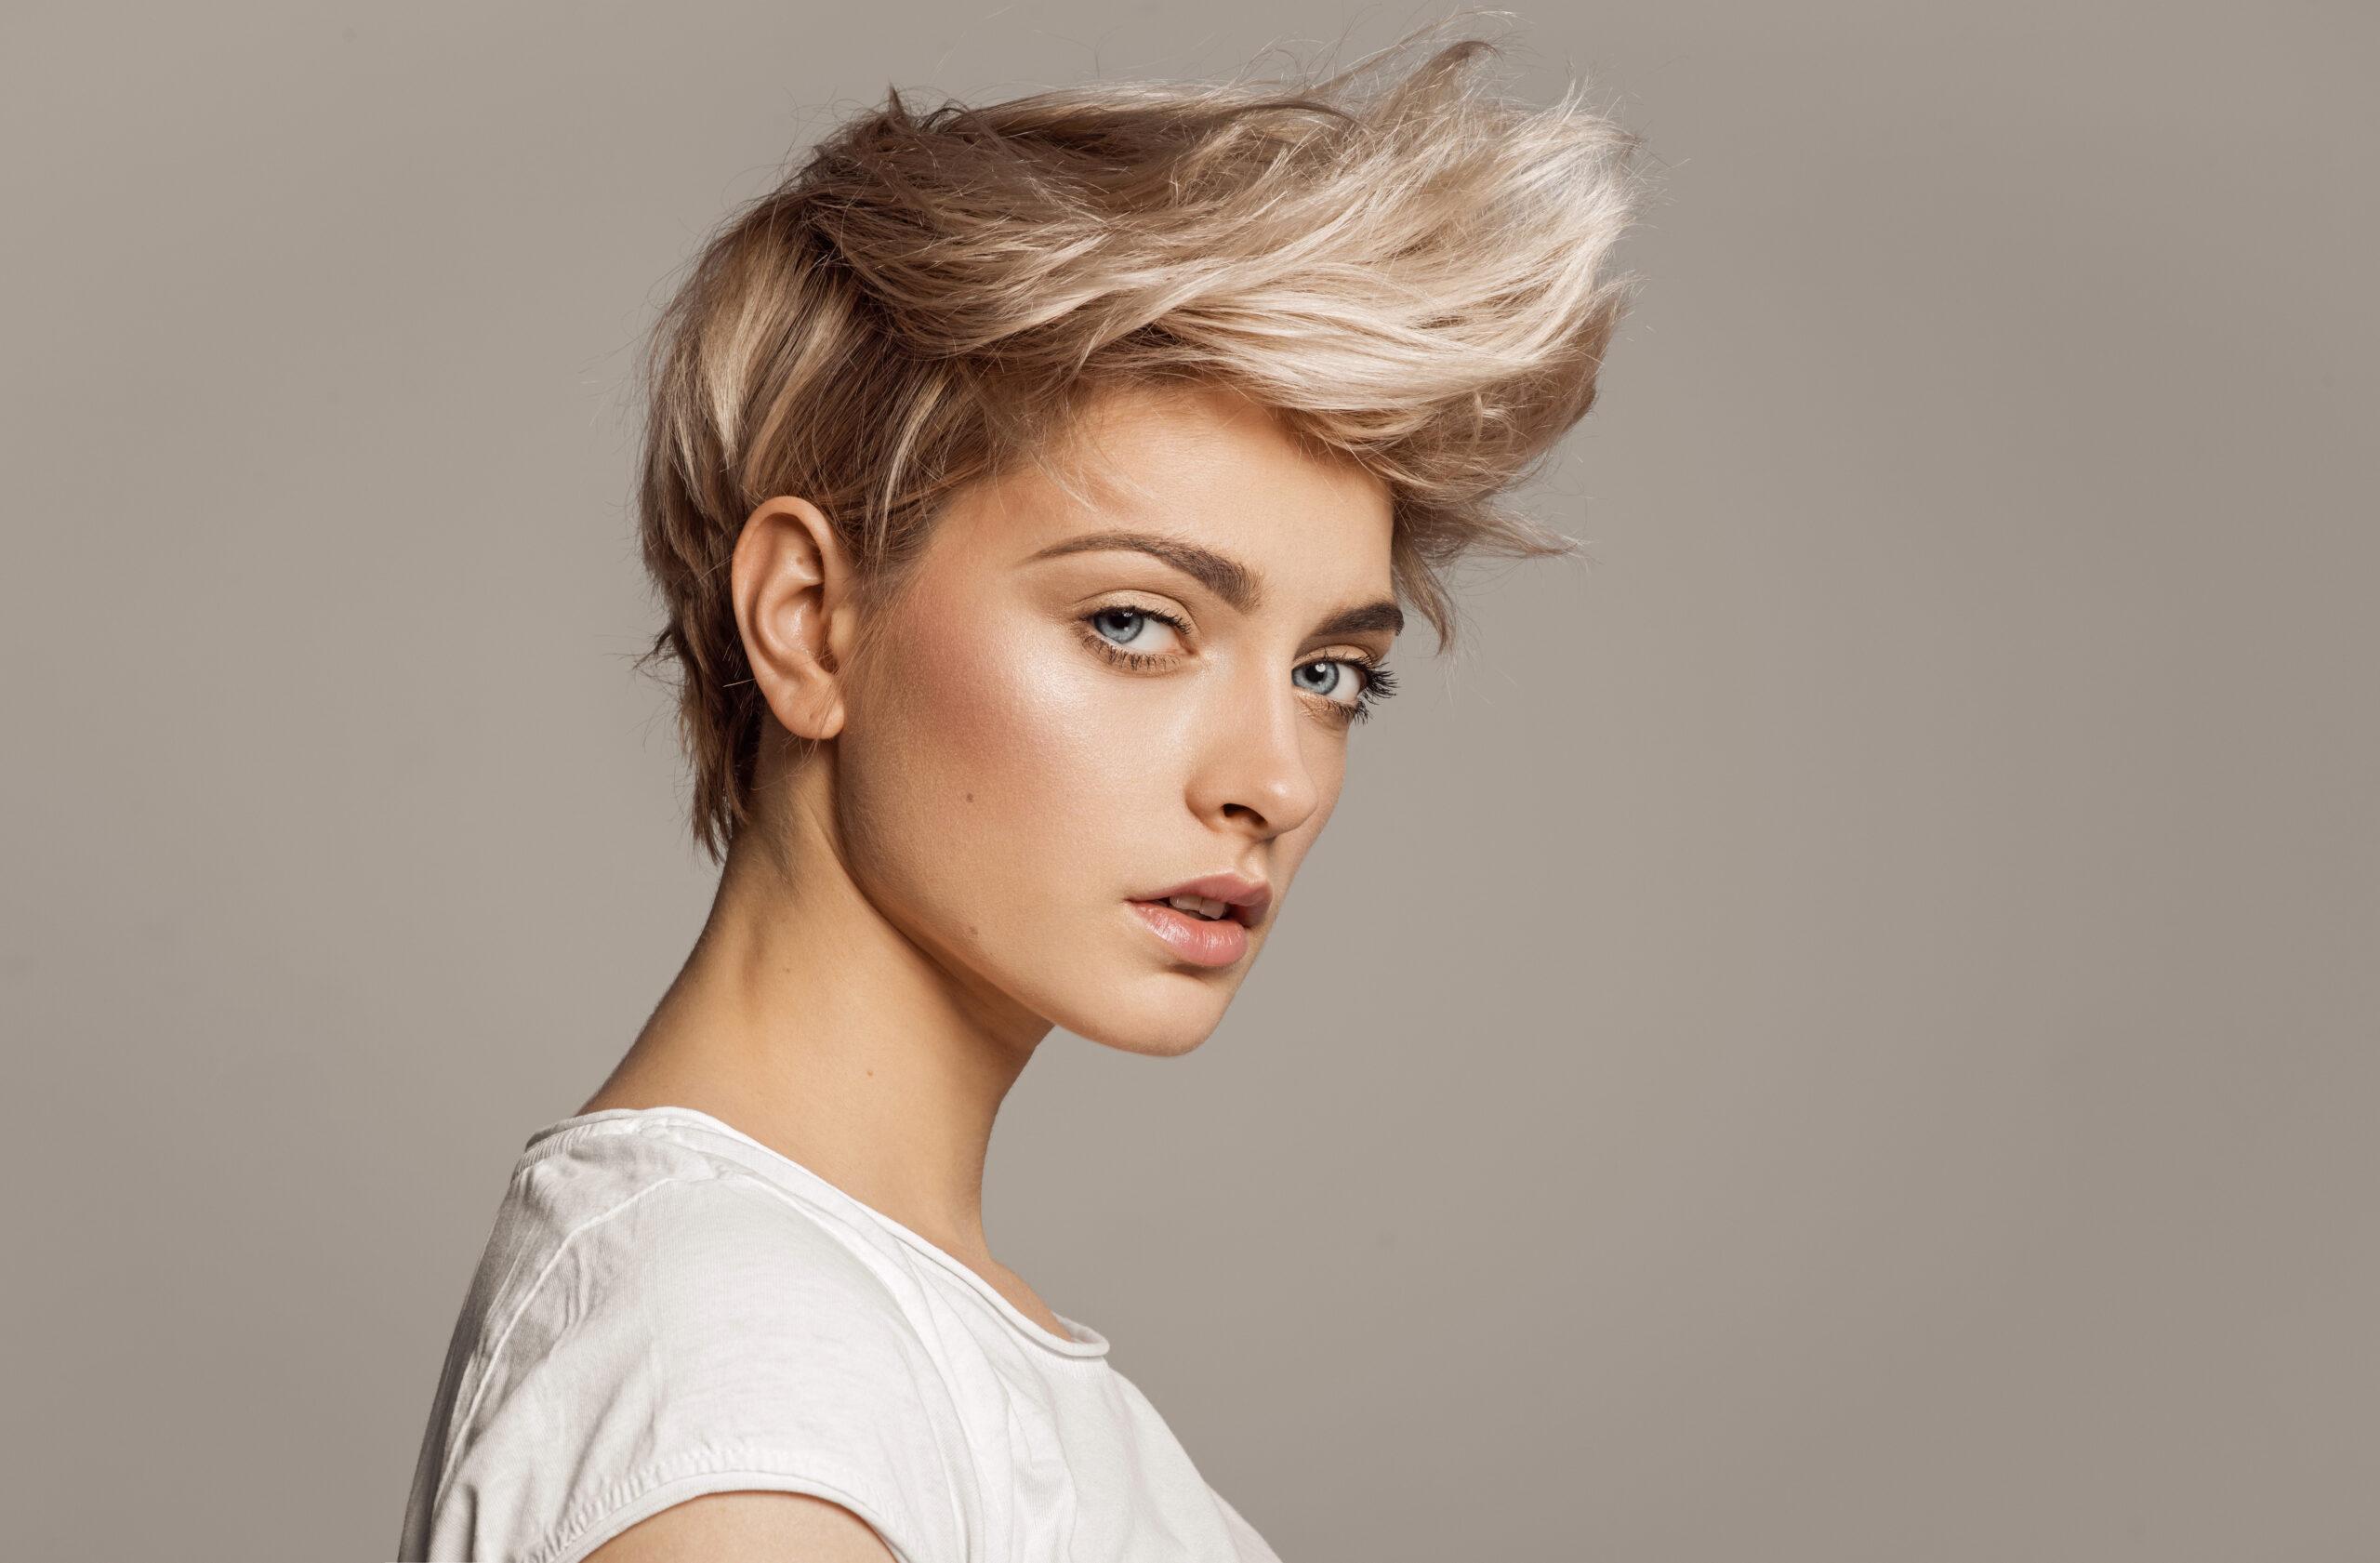 fryzura z krótkich włosów z uniesioną grzywką